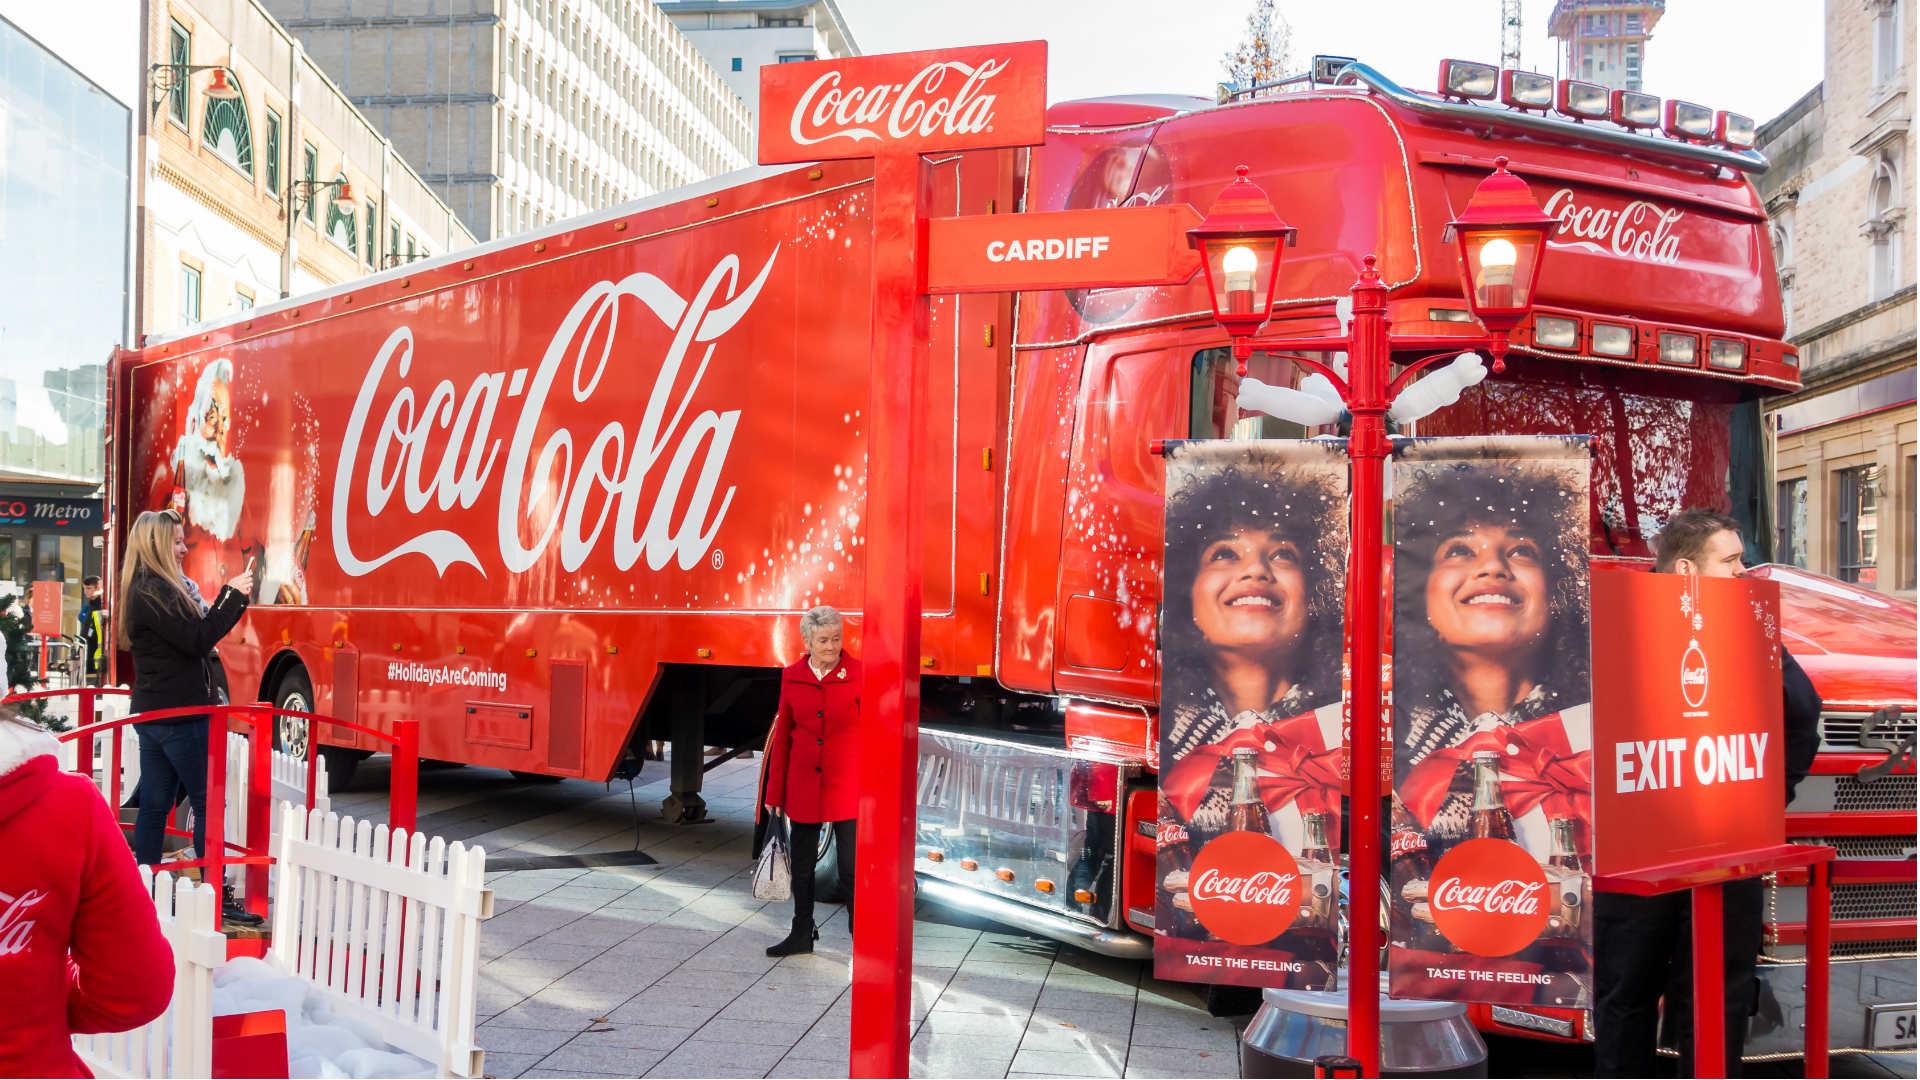 Coca-Cola truck in Cardiff